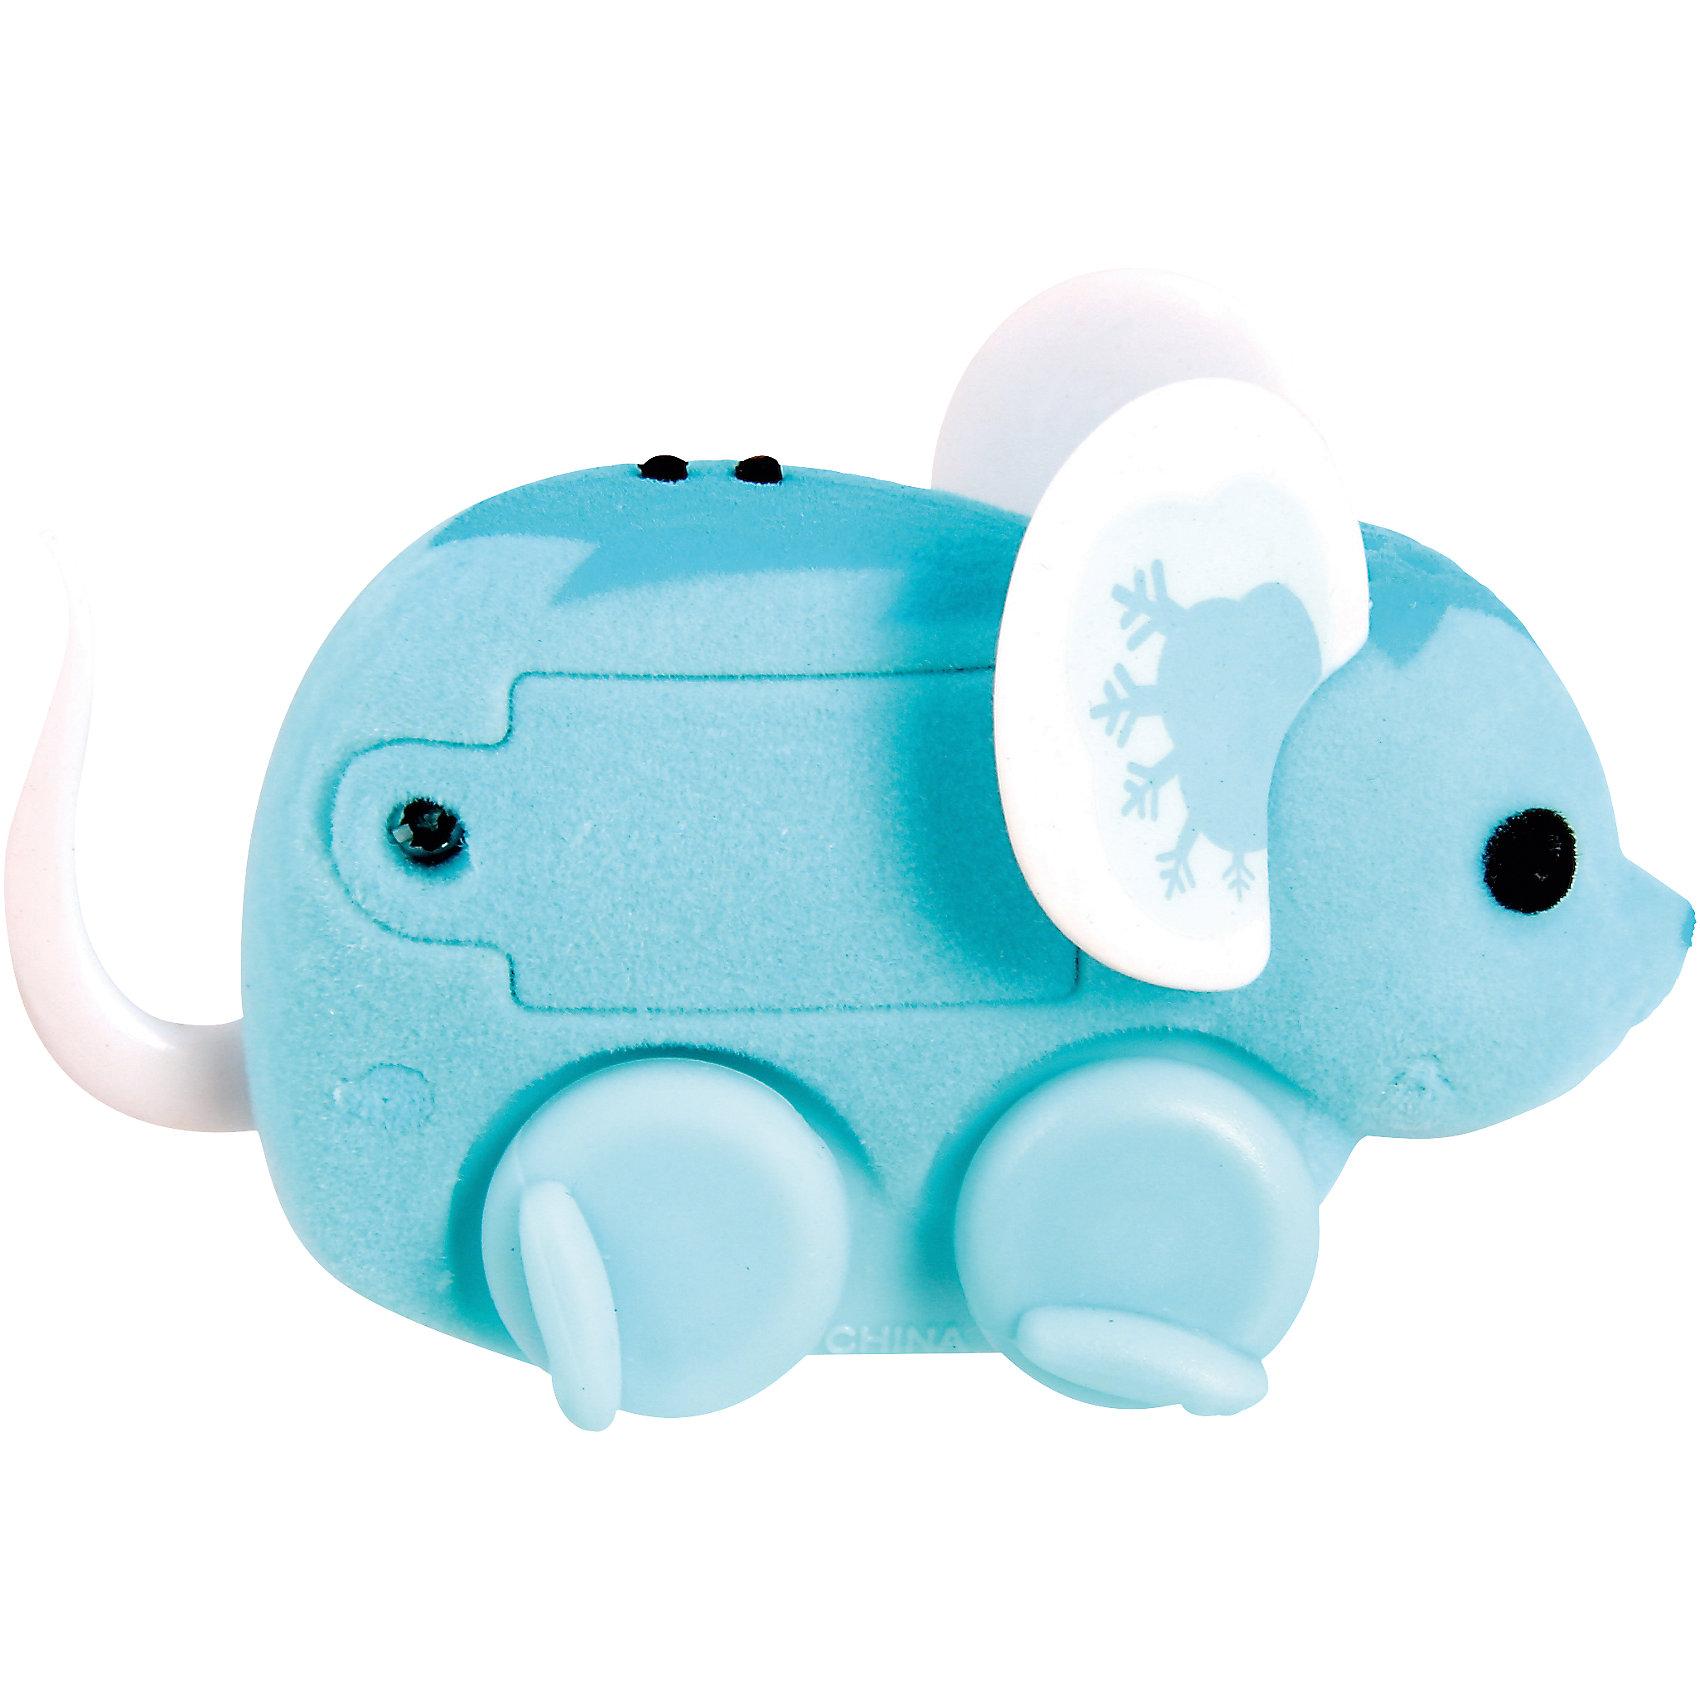 Интерактивная мышка Little Live Pets, голубая, MooseИнтерактивные животные<br>Интерактивная мышка Little Live Pets, Moose мягкая, как настоящая мышка. Она умеет быстро двигаться и крутиться. Сенсор на спине позволяет включить игрушку с помощью поглаживания, если мышка заснула. Кнопка включения расположена в области ротика. Такая замечательная мышка обязательно вызовет интерес у малыша!<br><br>Дополнительная информация:<br>Материал: пластик, флок<br>Цвет: голубой<br>Батарейки: AG13 (LR44) (входят в комплект)<br><br>Интерактивную мышку Little Live Pets, Moose вы можете приобрести в нашем интернет-магазине.<br><br>Ширина мм: 223<br>Глубина мм: 159<br>Высота мм: 50<br>Вес г: 86<br>Возраст от месяцев: 60<br>Возраст до месяцев: 108<br>Пол: Женский<br>Возраст: Детский<br>SKU: 4898557